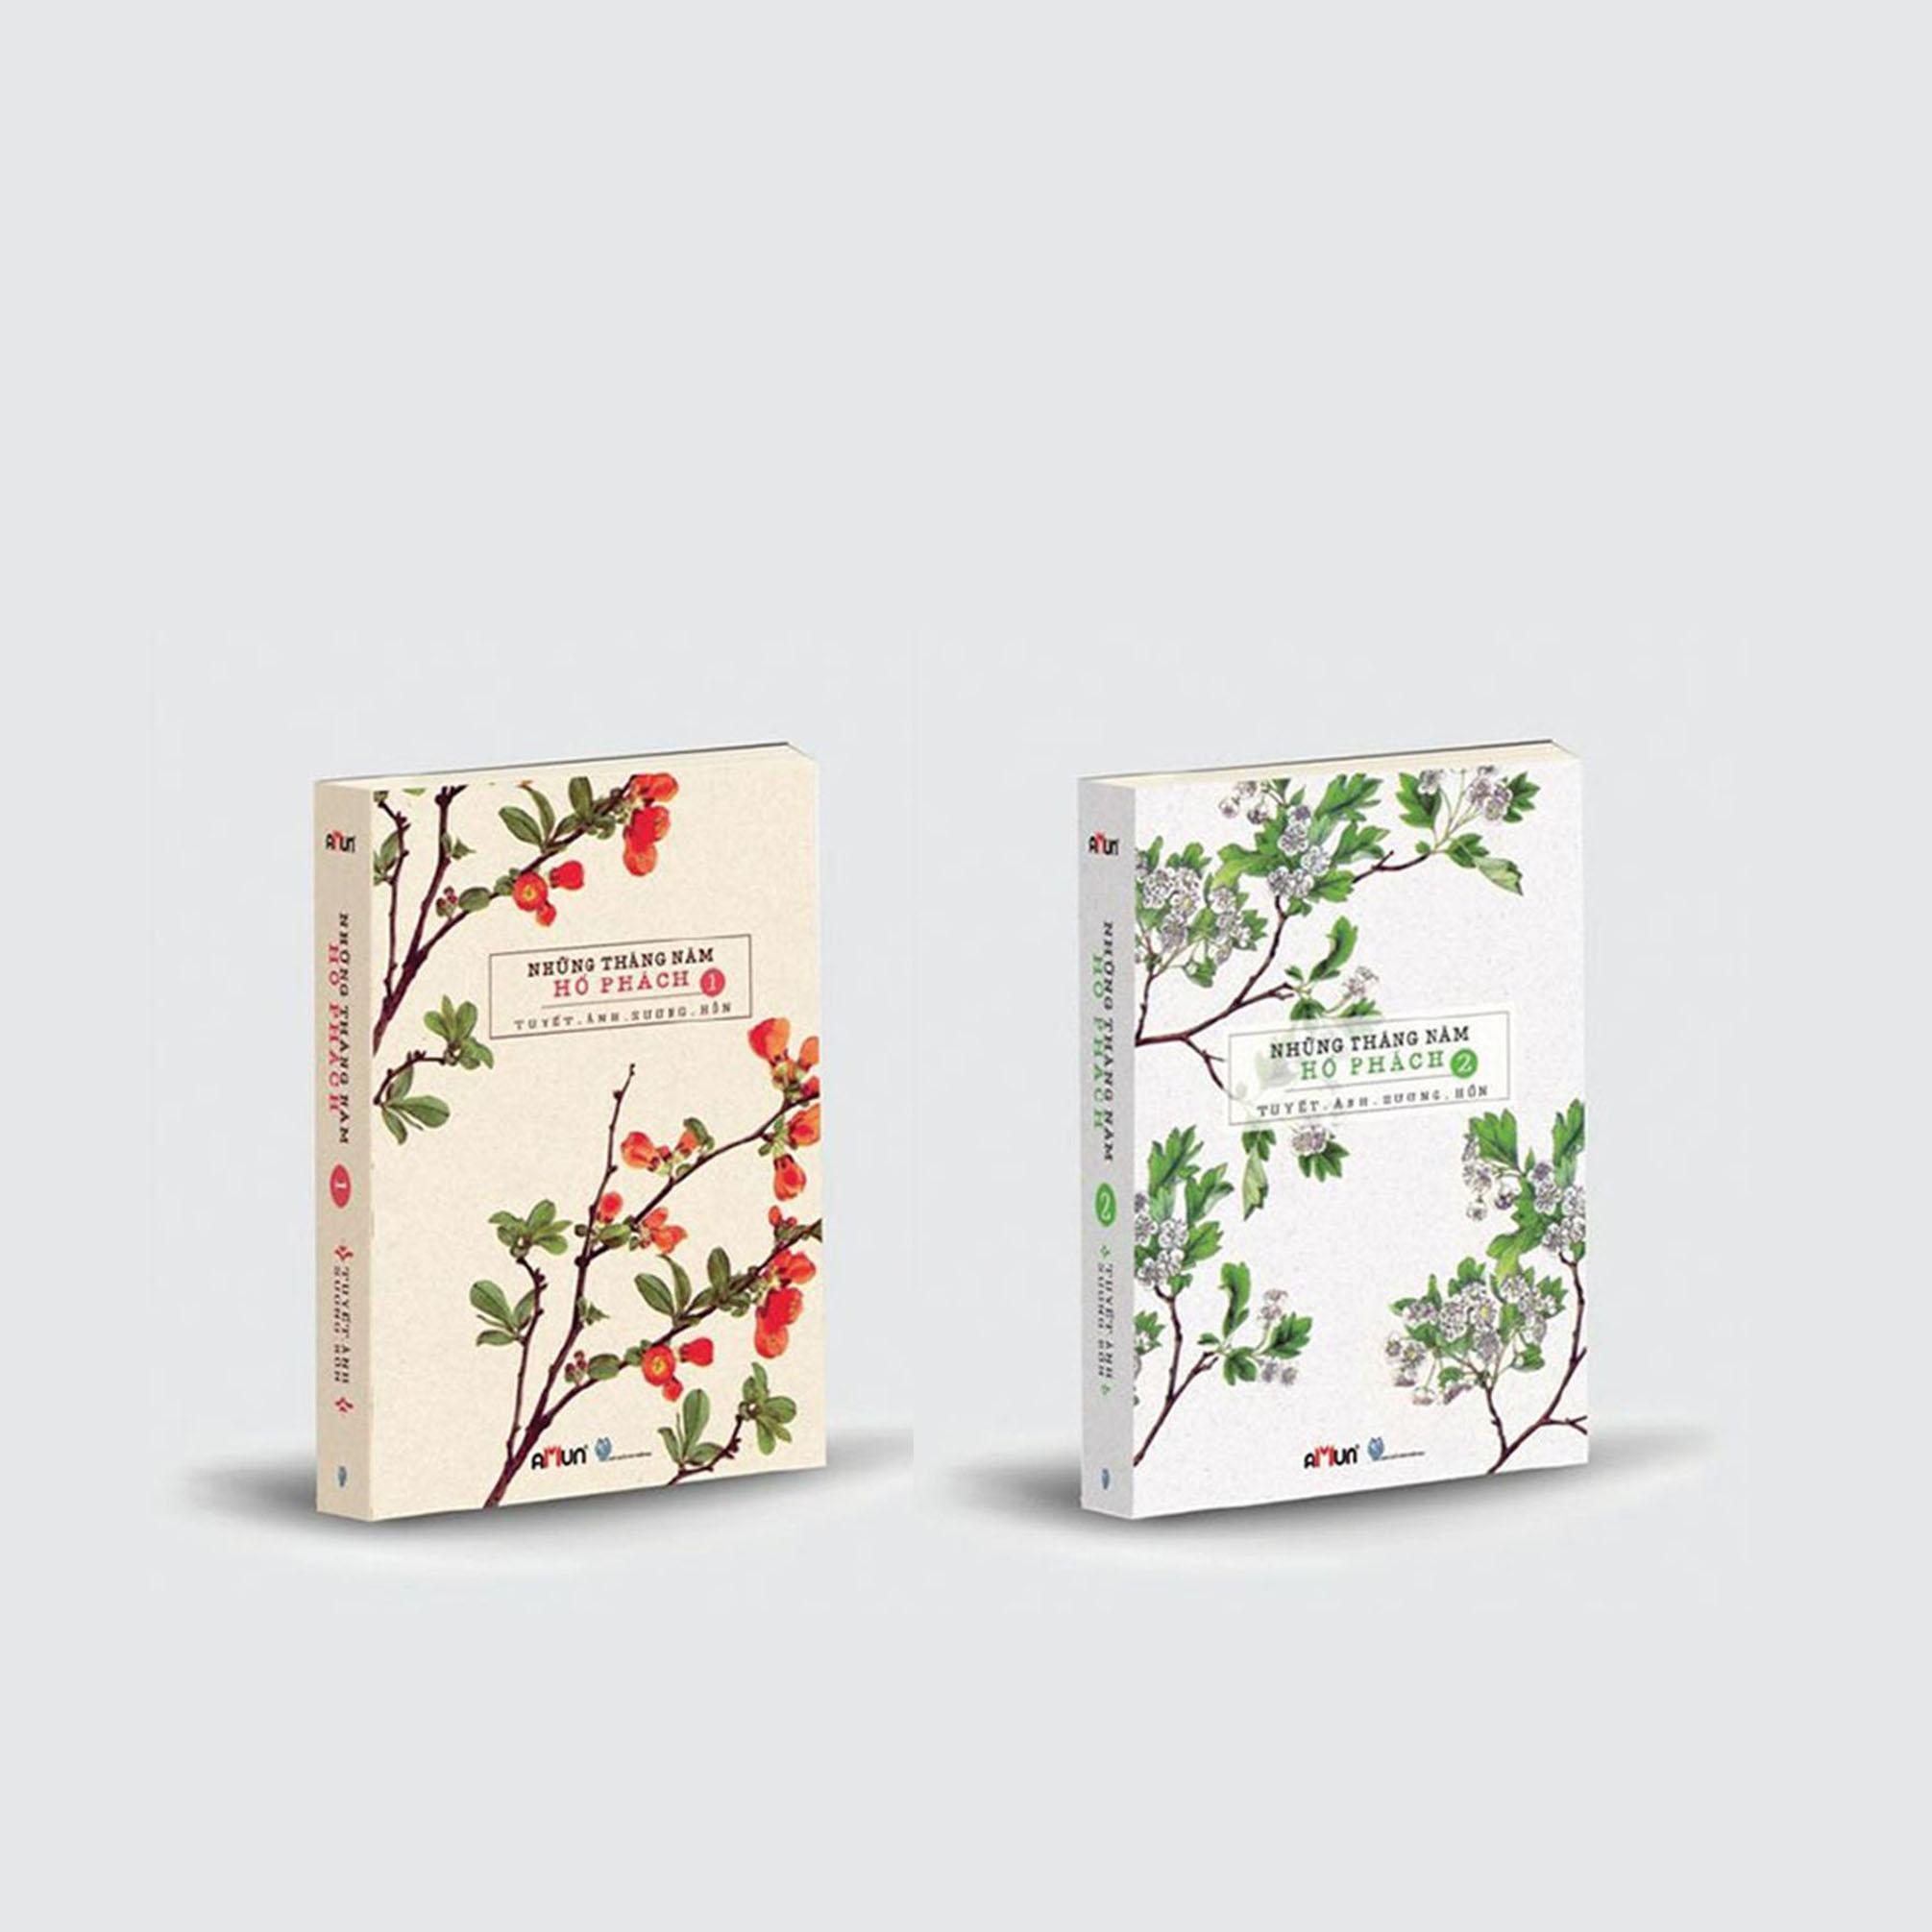 Trọn bộ Những tháng năm hổ phách 2 tập